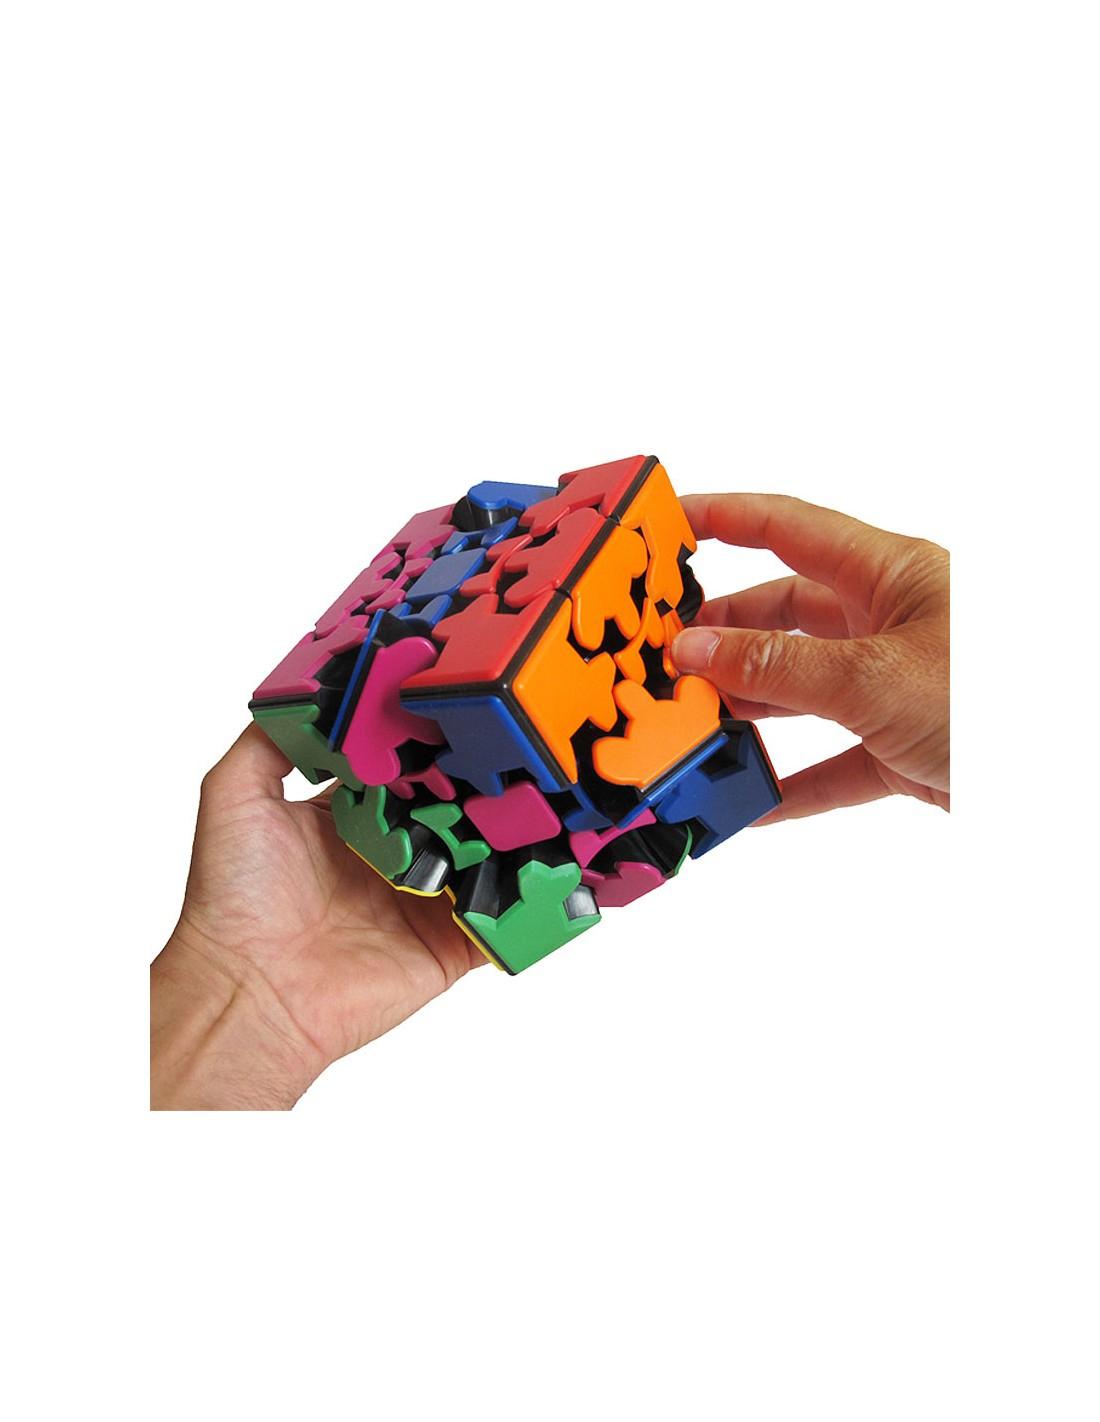 Casse-Tête Gear Cube Xxl Le Cube Grand Format, Douze Tours destiné 90 Degrés Jeux